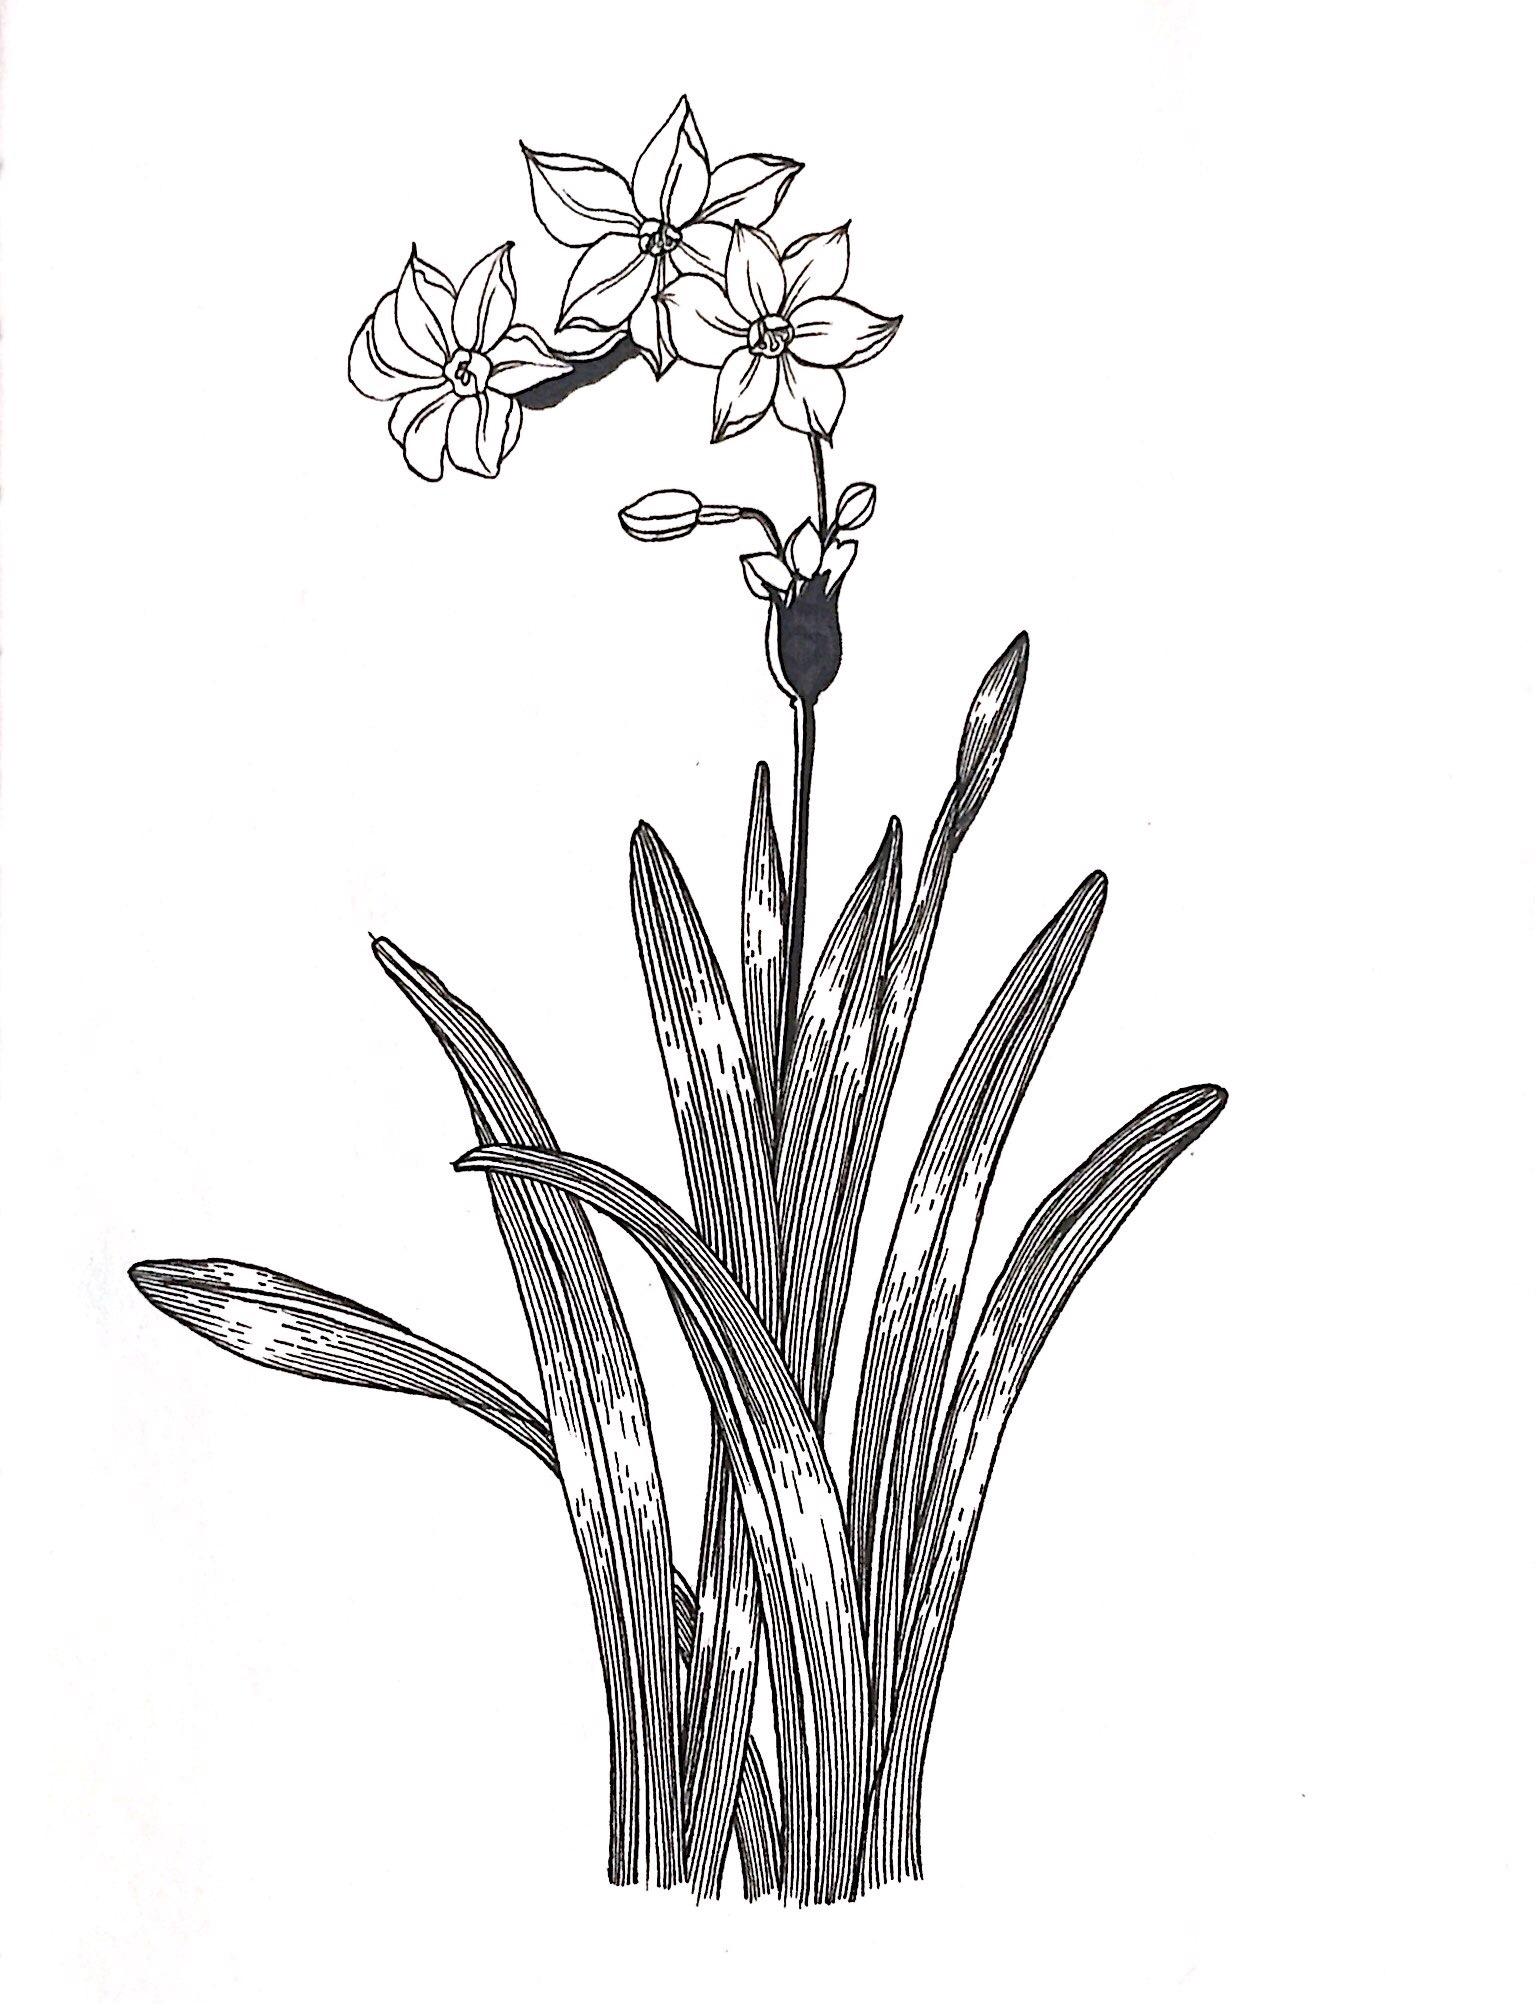 植物线描画装饰画分享展示